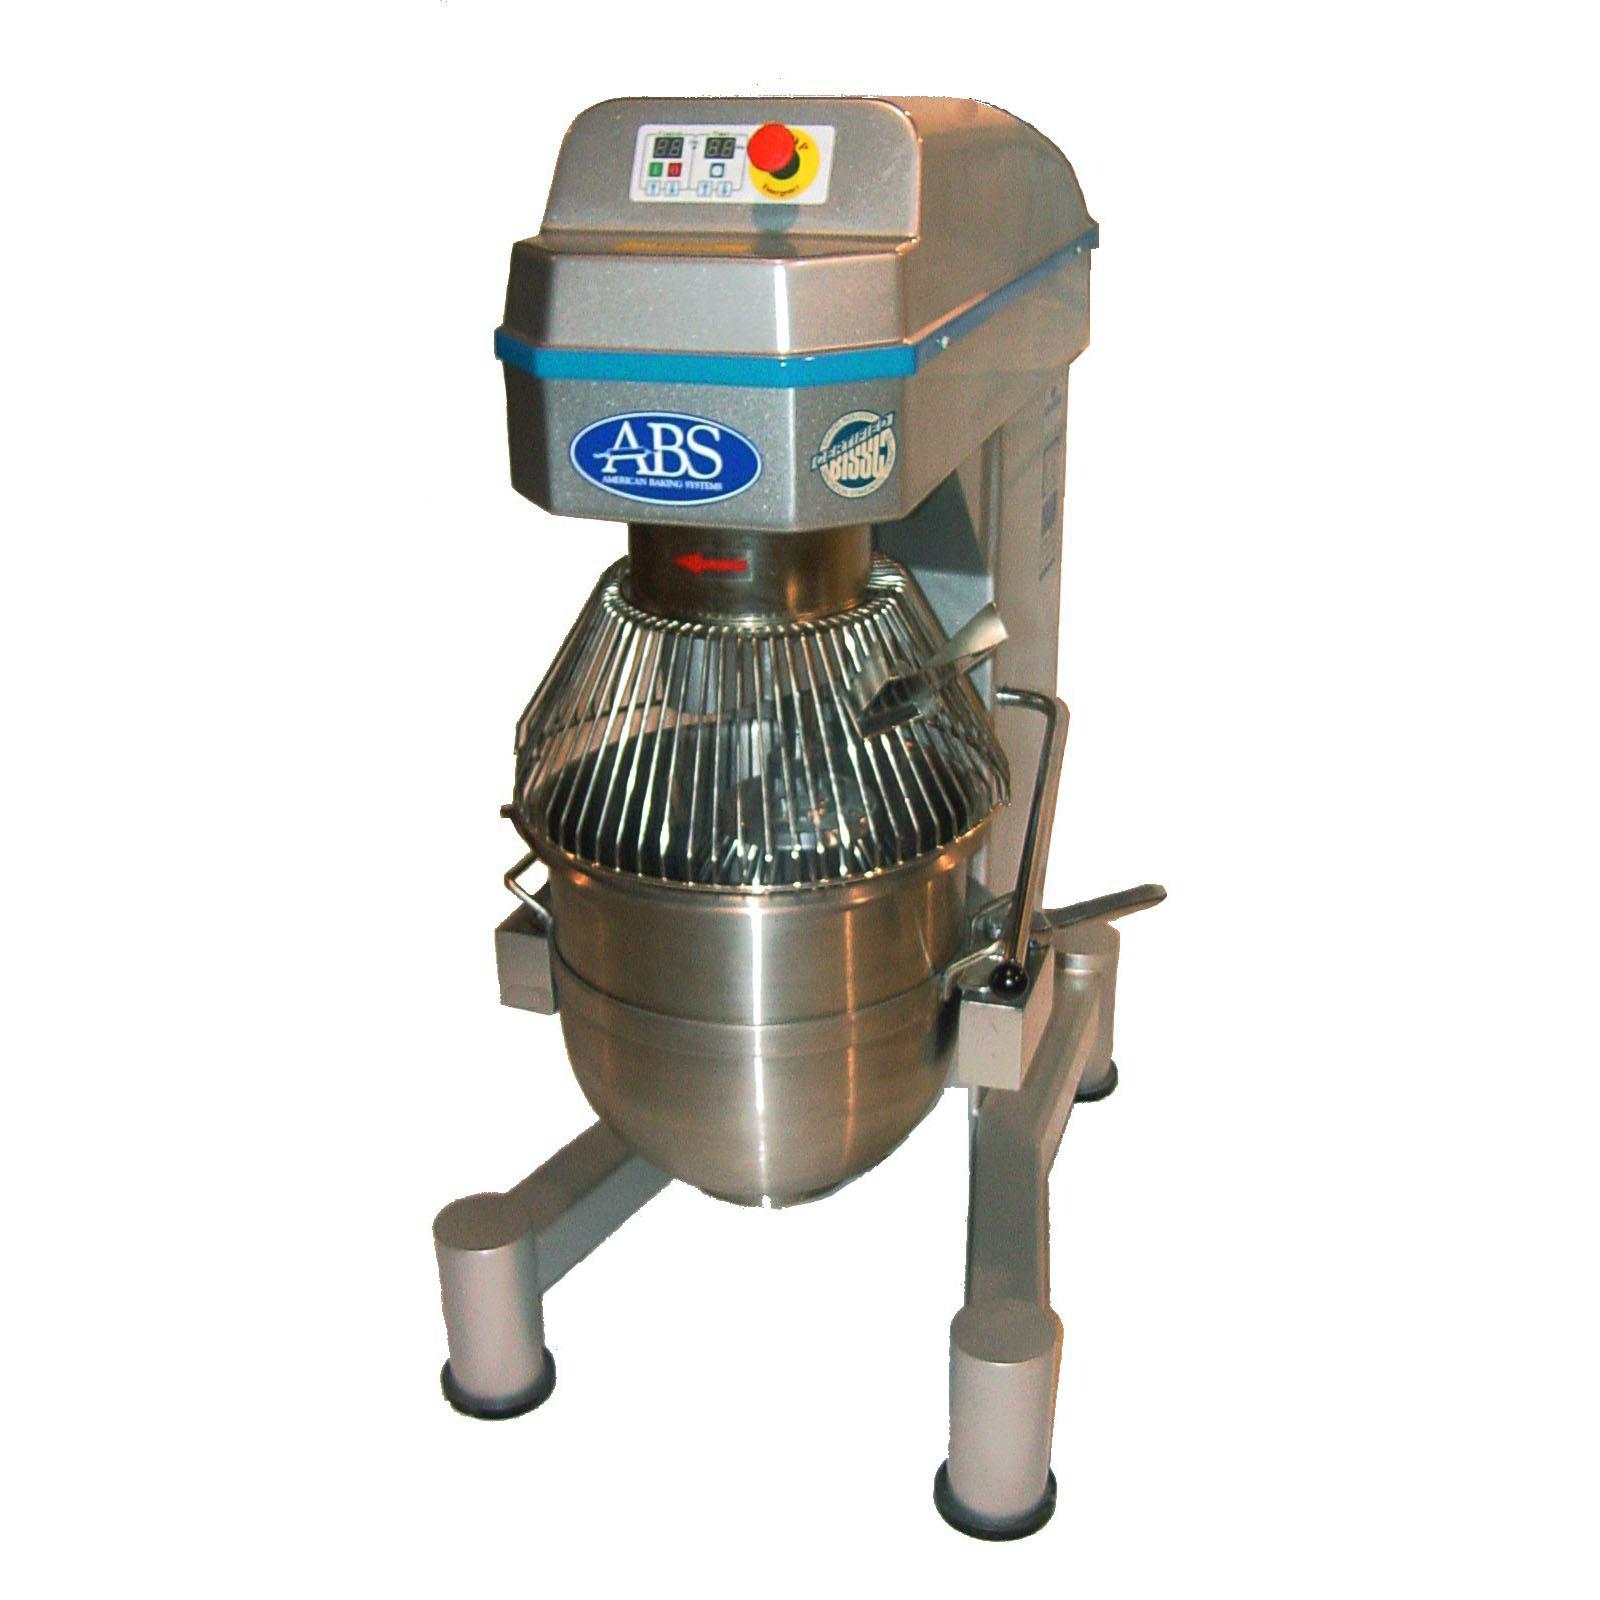 ABSPMS-40L